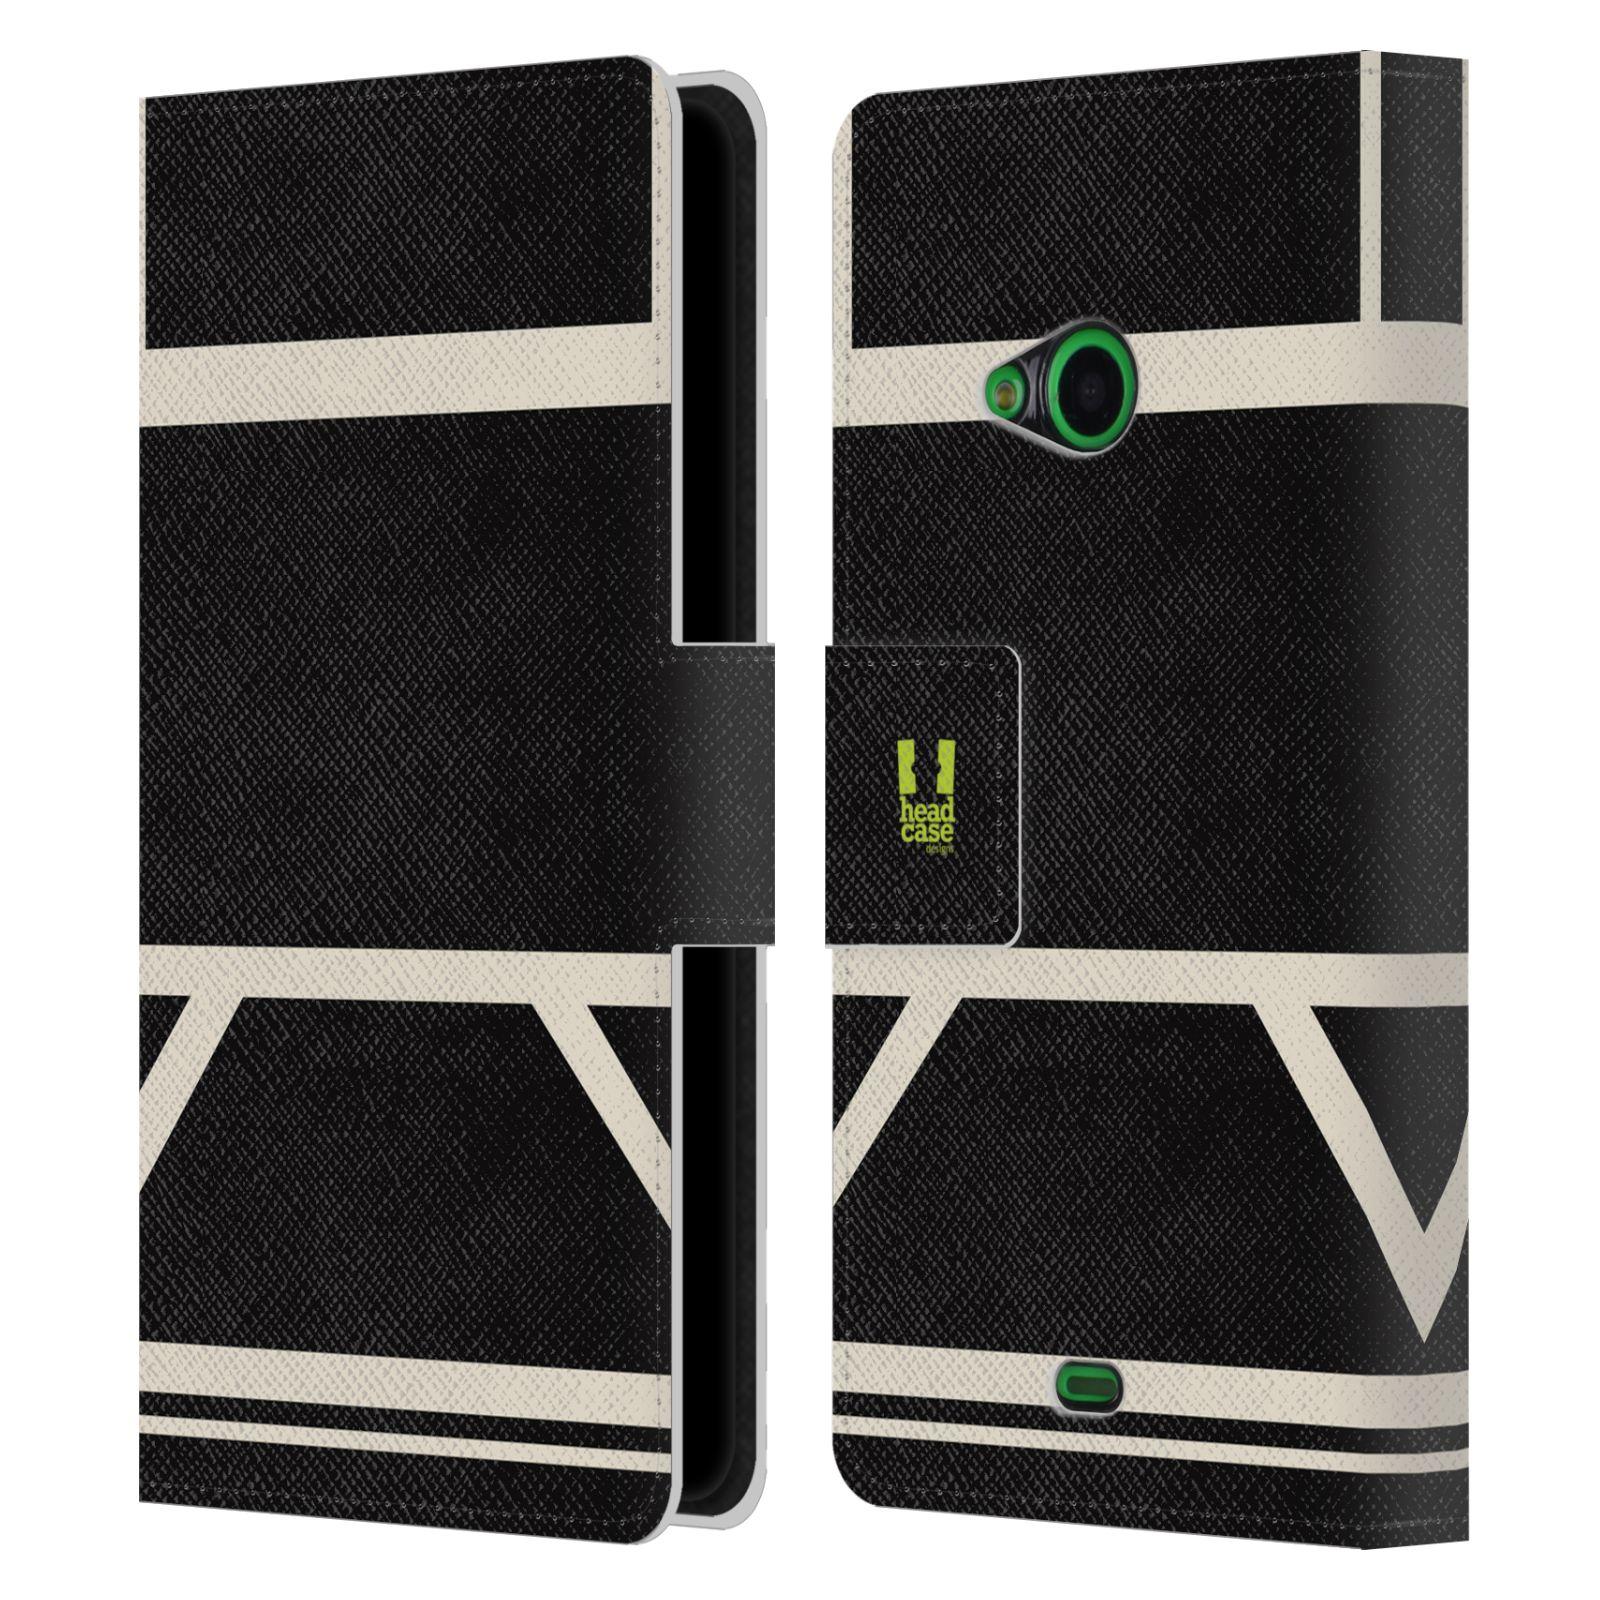 HEAD CASE Flipové pouzdro pro mobil Nokia LUMIA 535 barevné tvary černá a bílá proužek